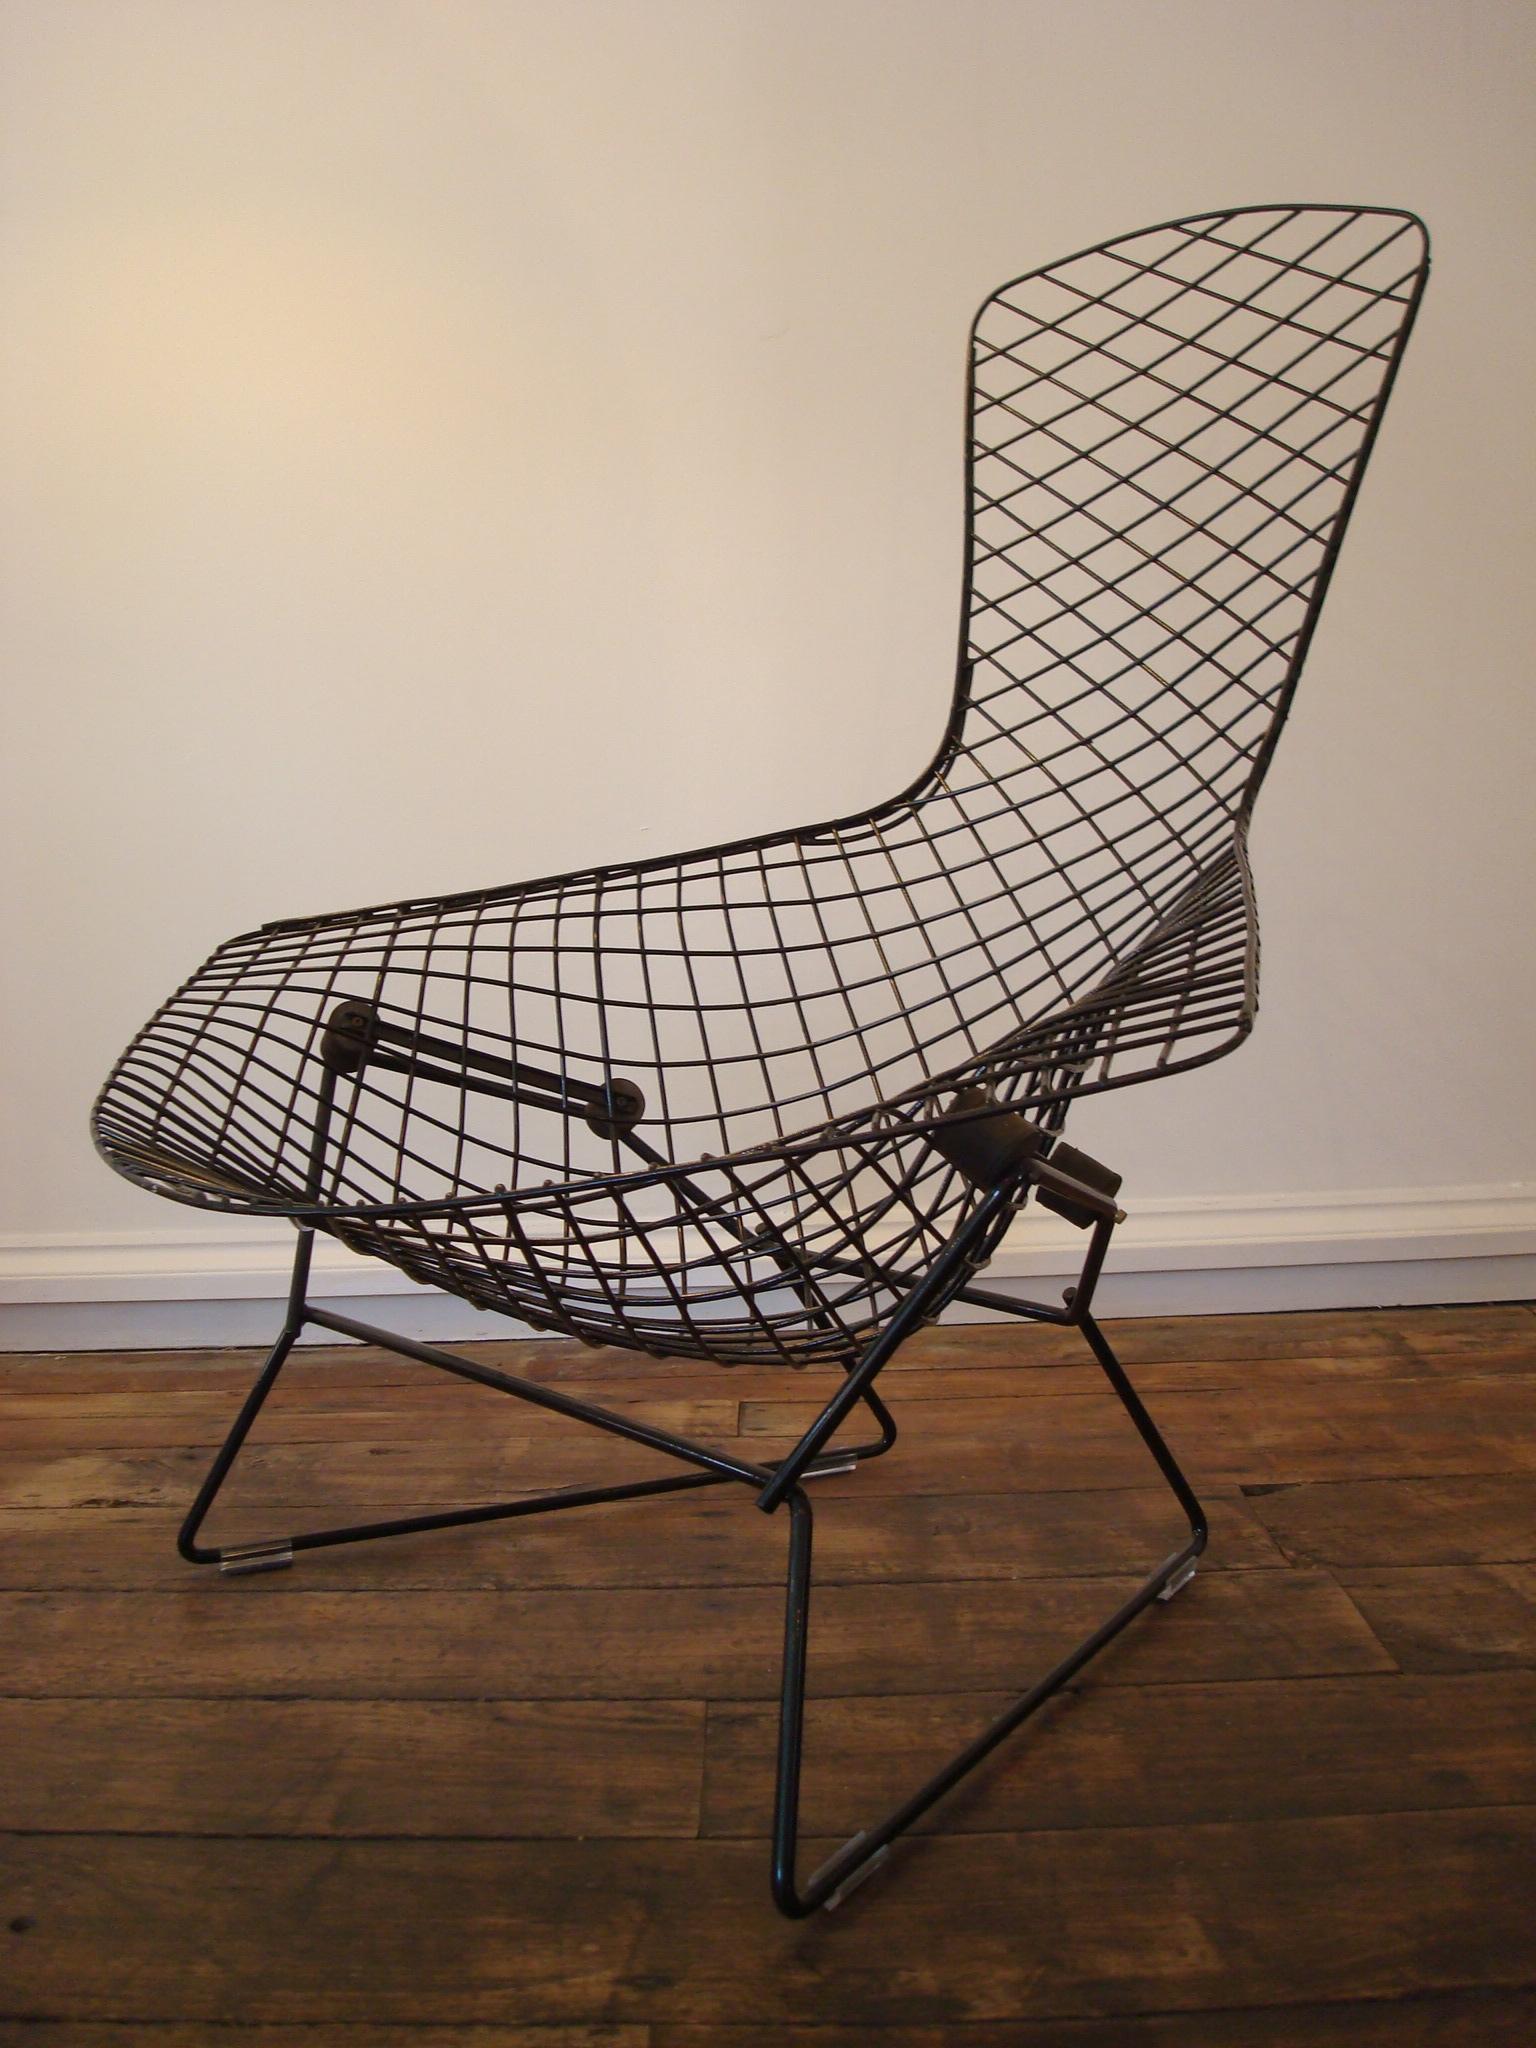 harry bertoia bird chair  ottomanfootstool  josh thomas design  - harry bertoia bird chair  ottomanfootstool